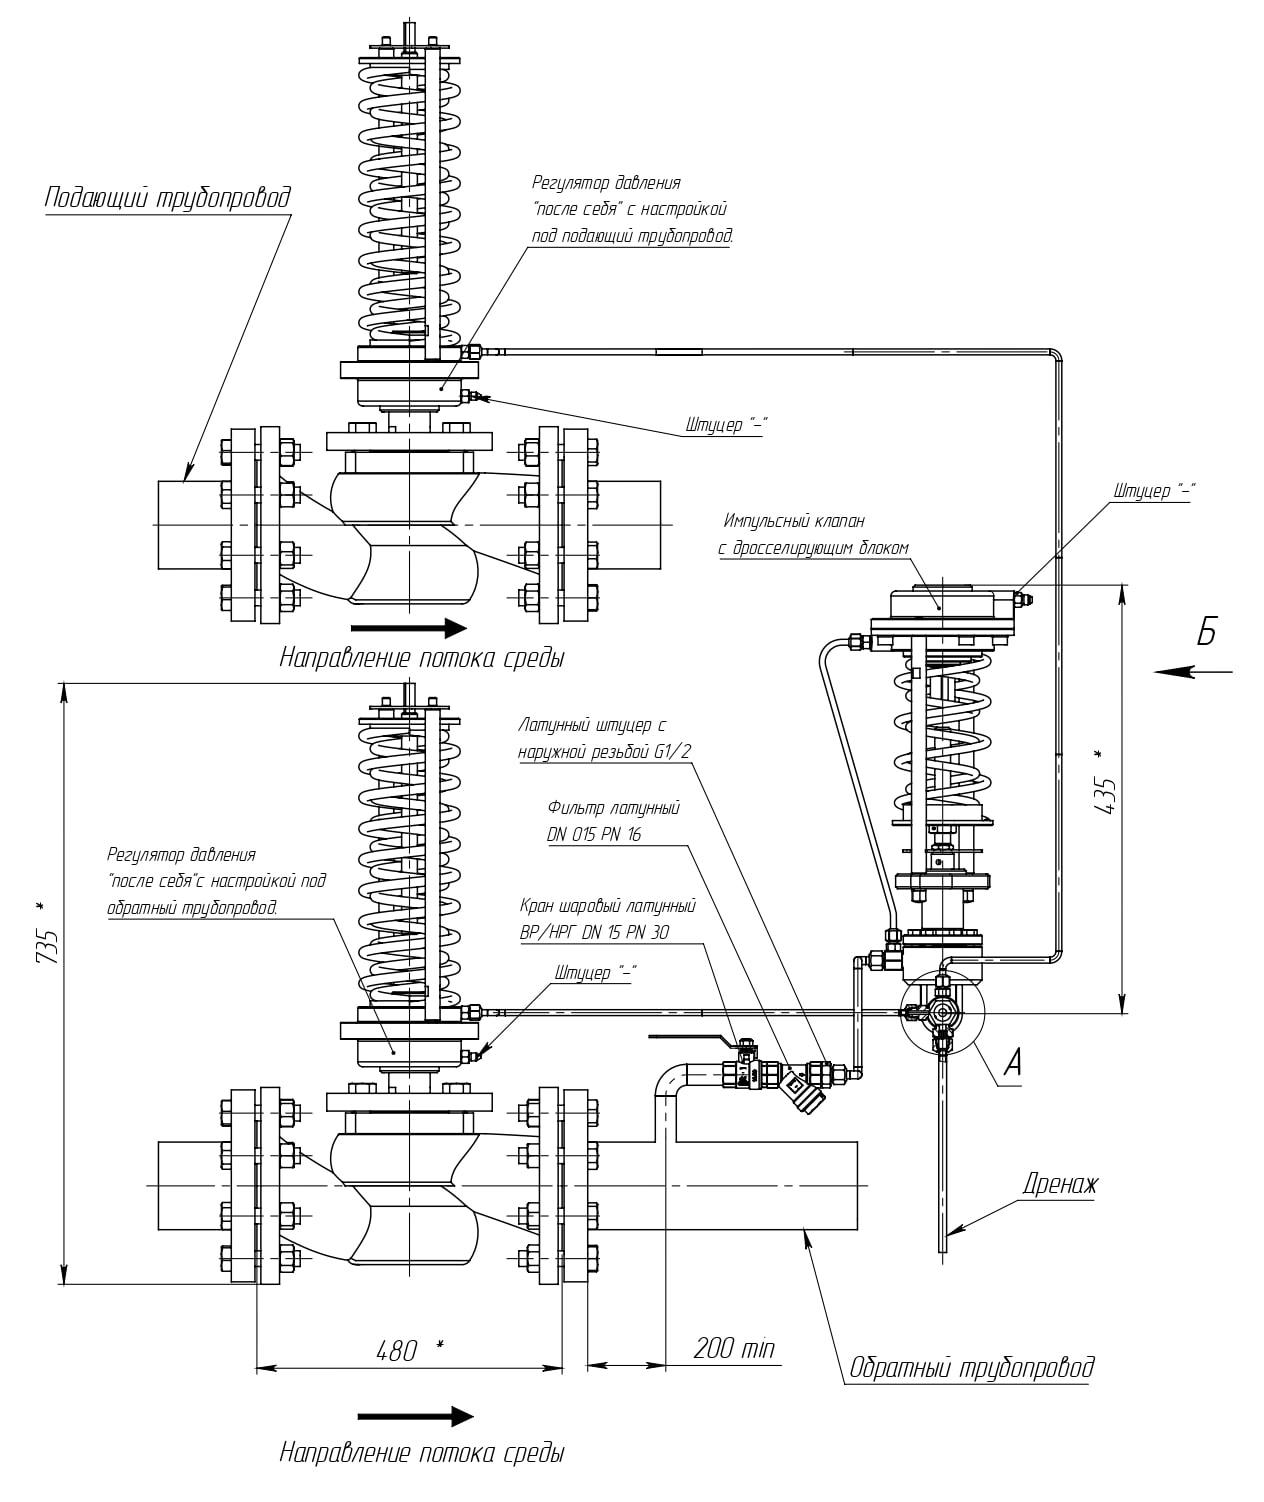 Система защиты Broen АЗПД-20-150/16-6 - нажмите, чтобы увеличить